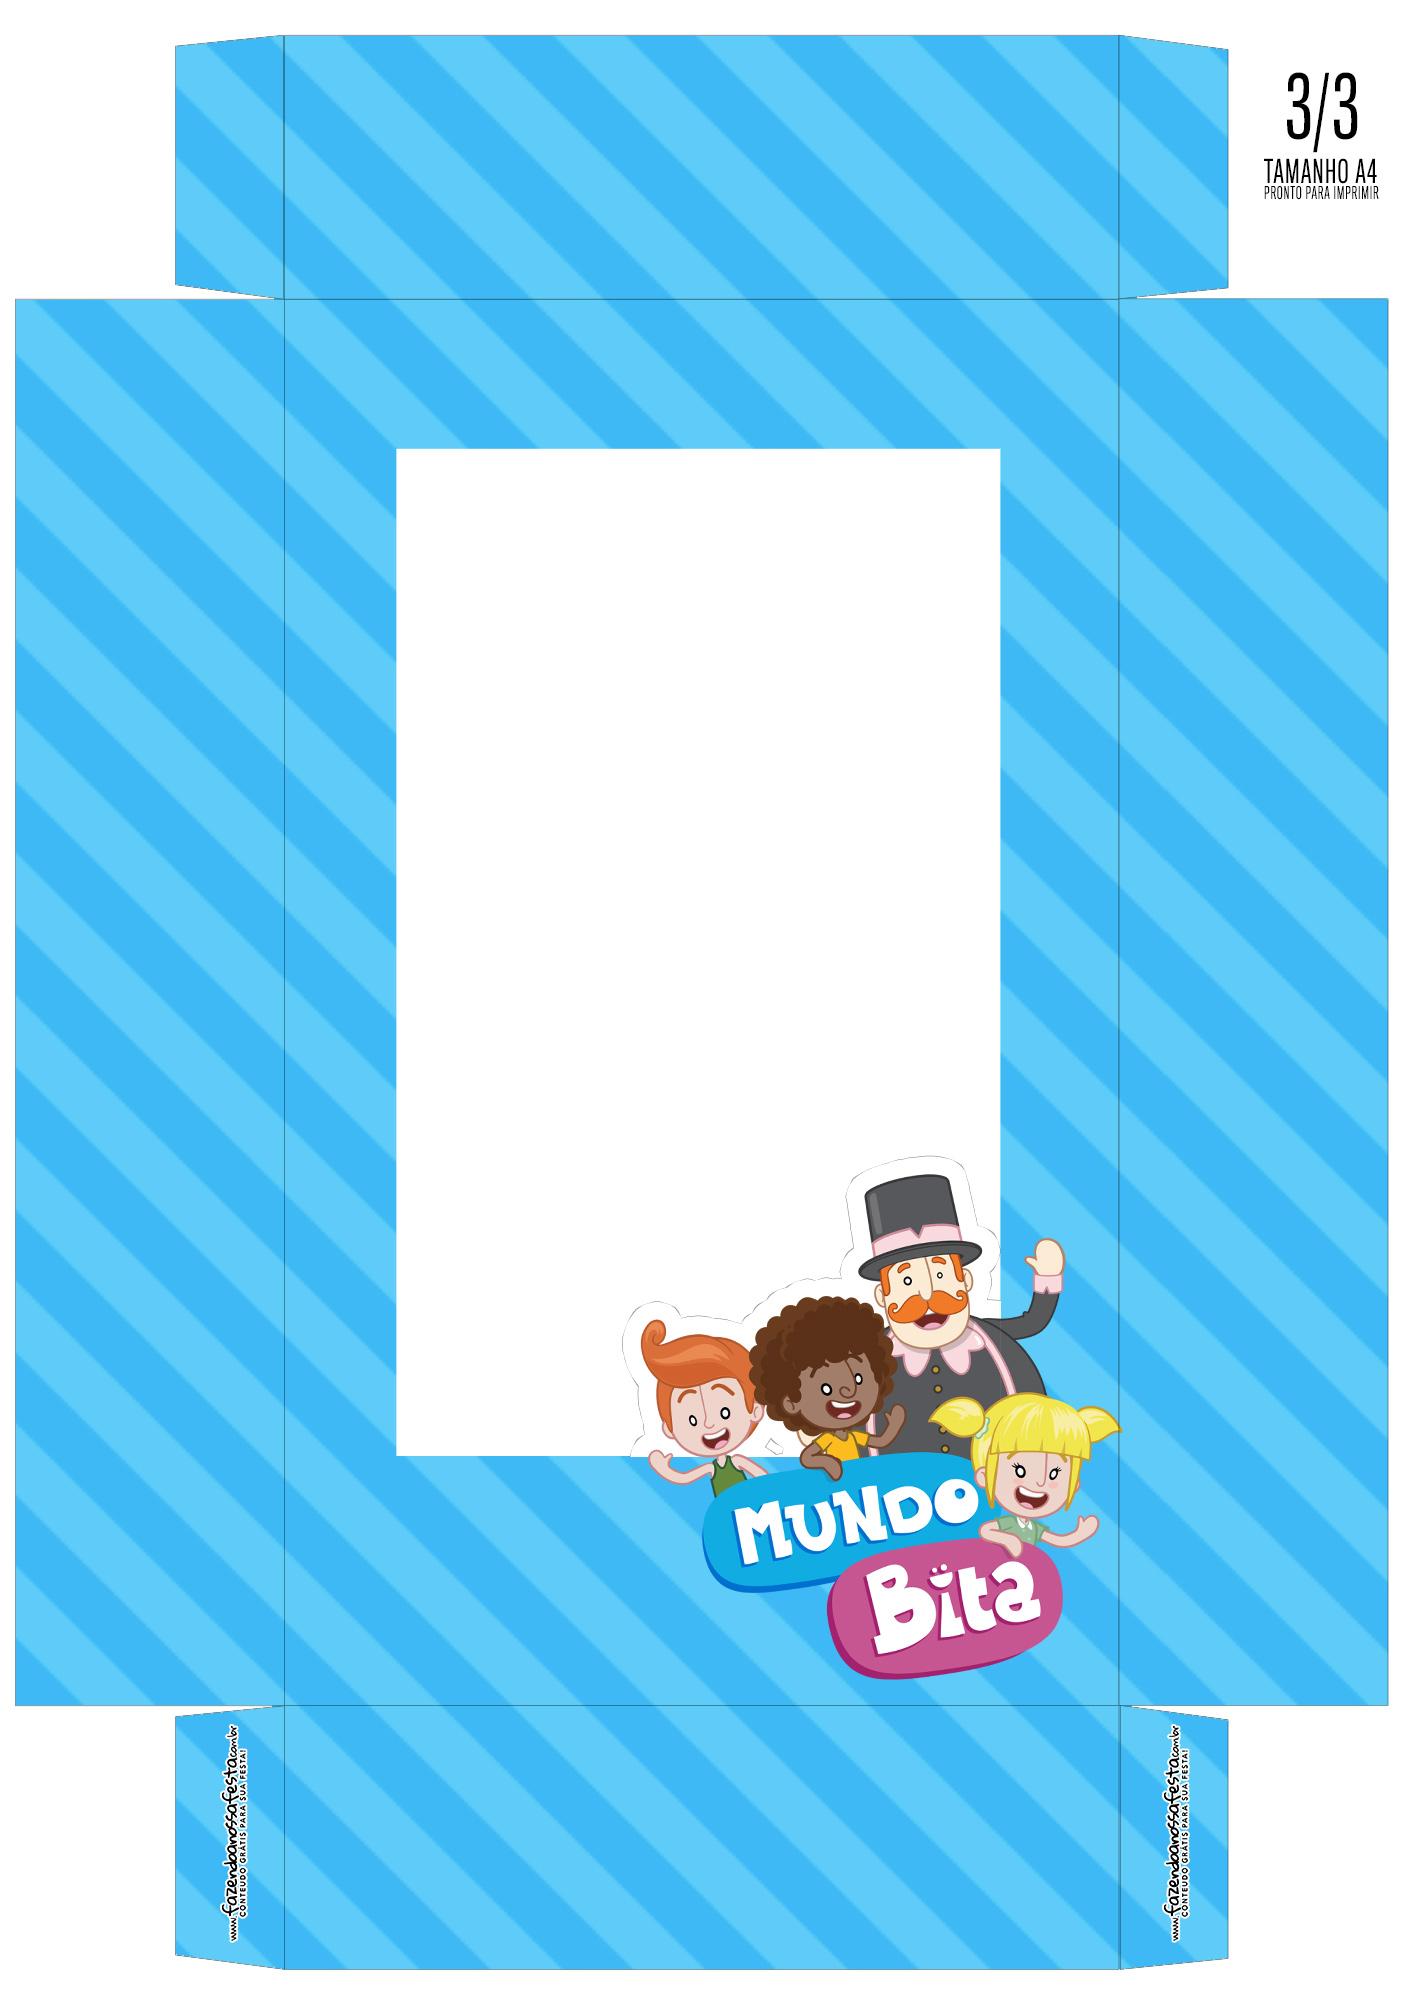 Caixa Ovo de Colher Personagens Mundo Bita_01